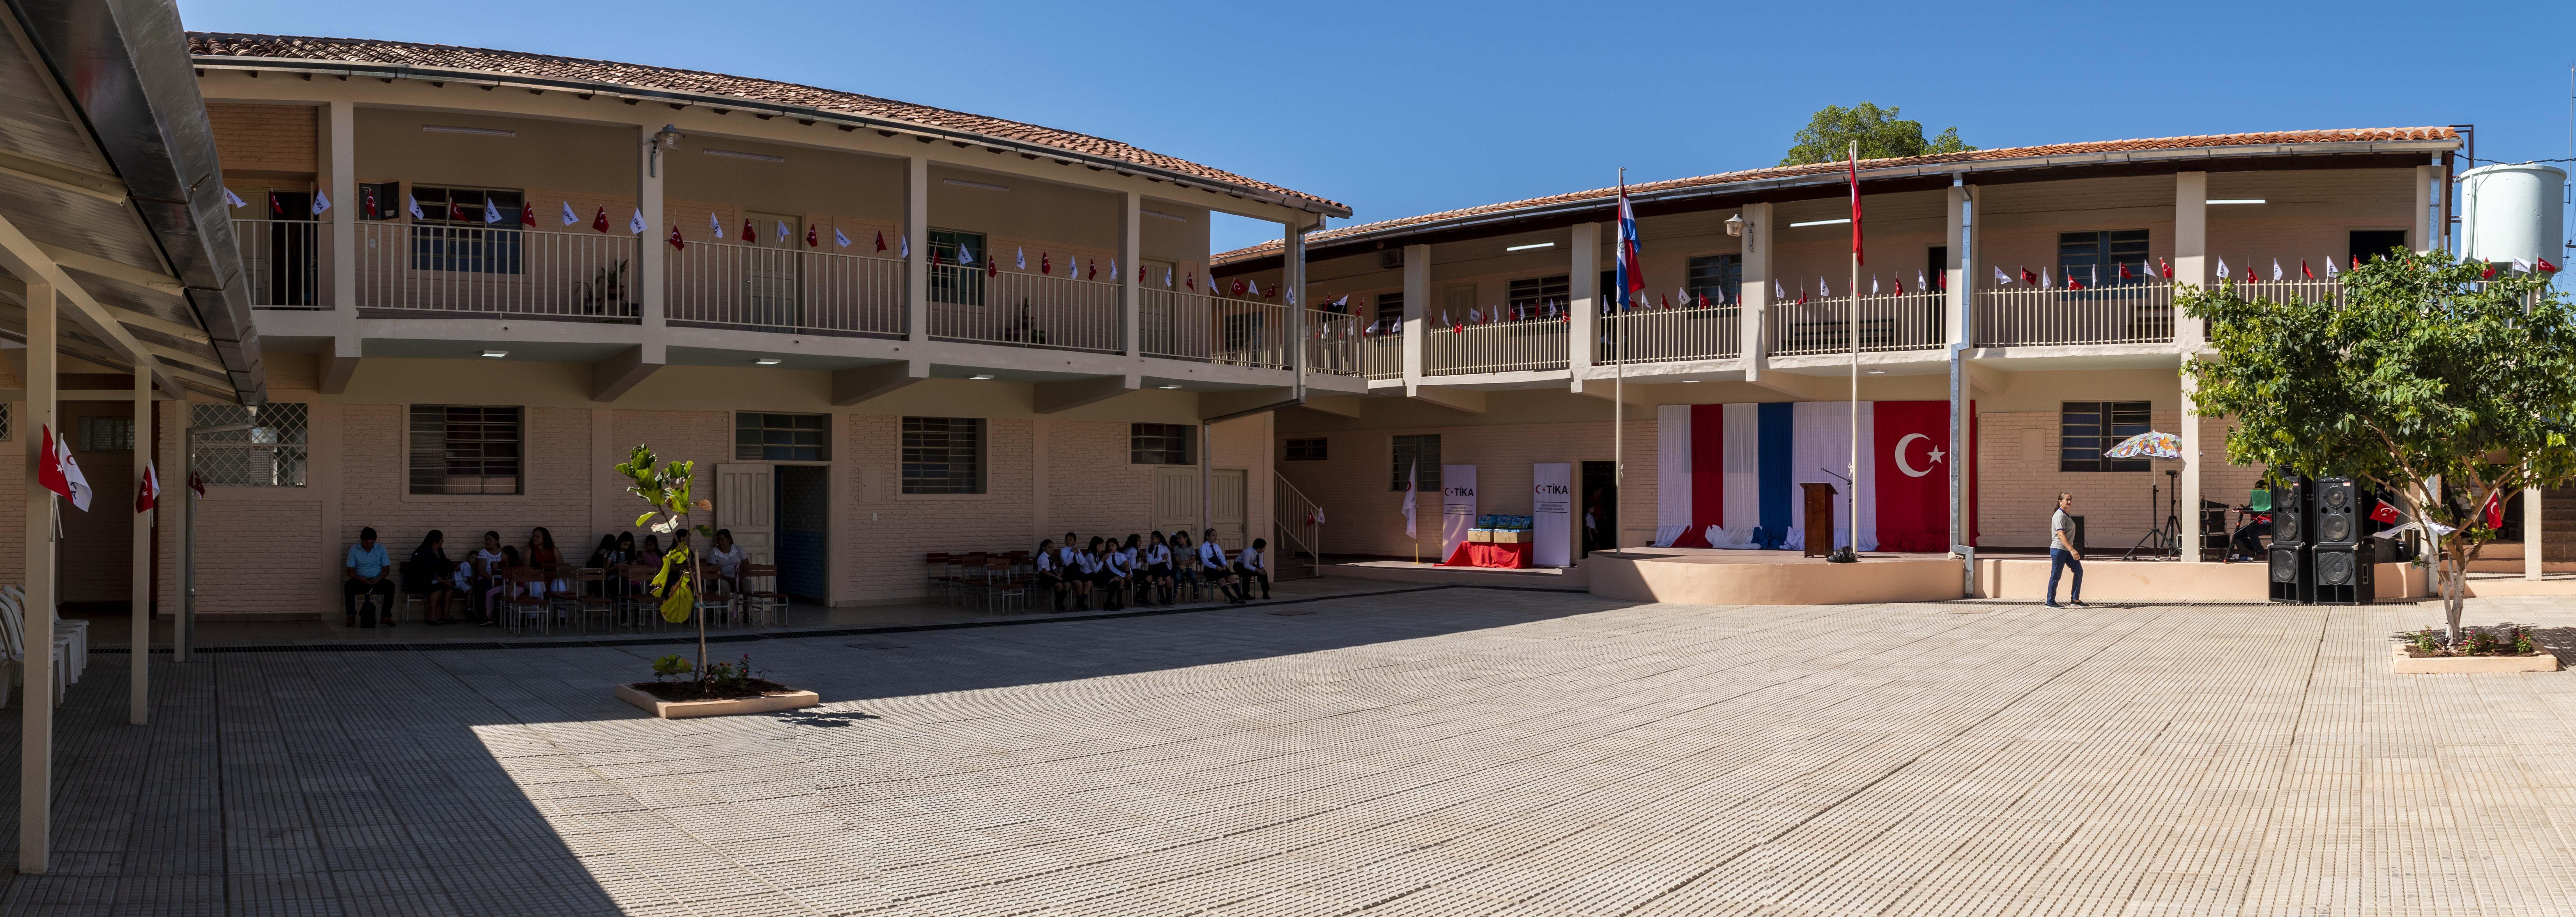 Turkey's TİKA renovates school in Paraguay's Asuncion thumbnail